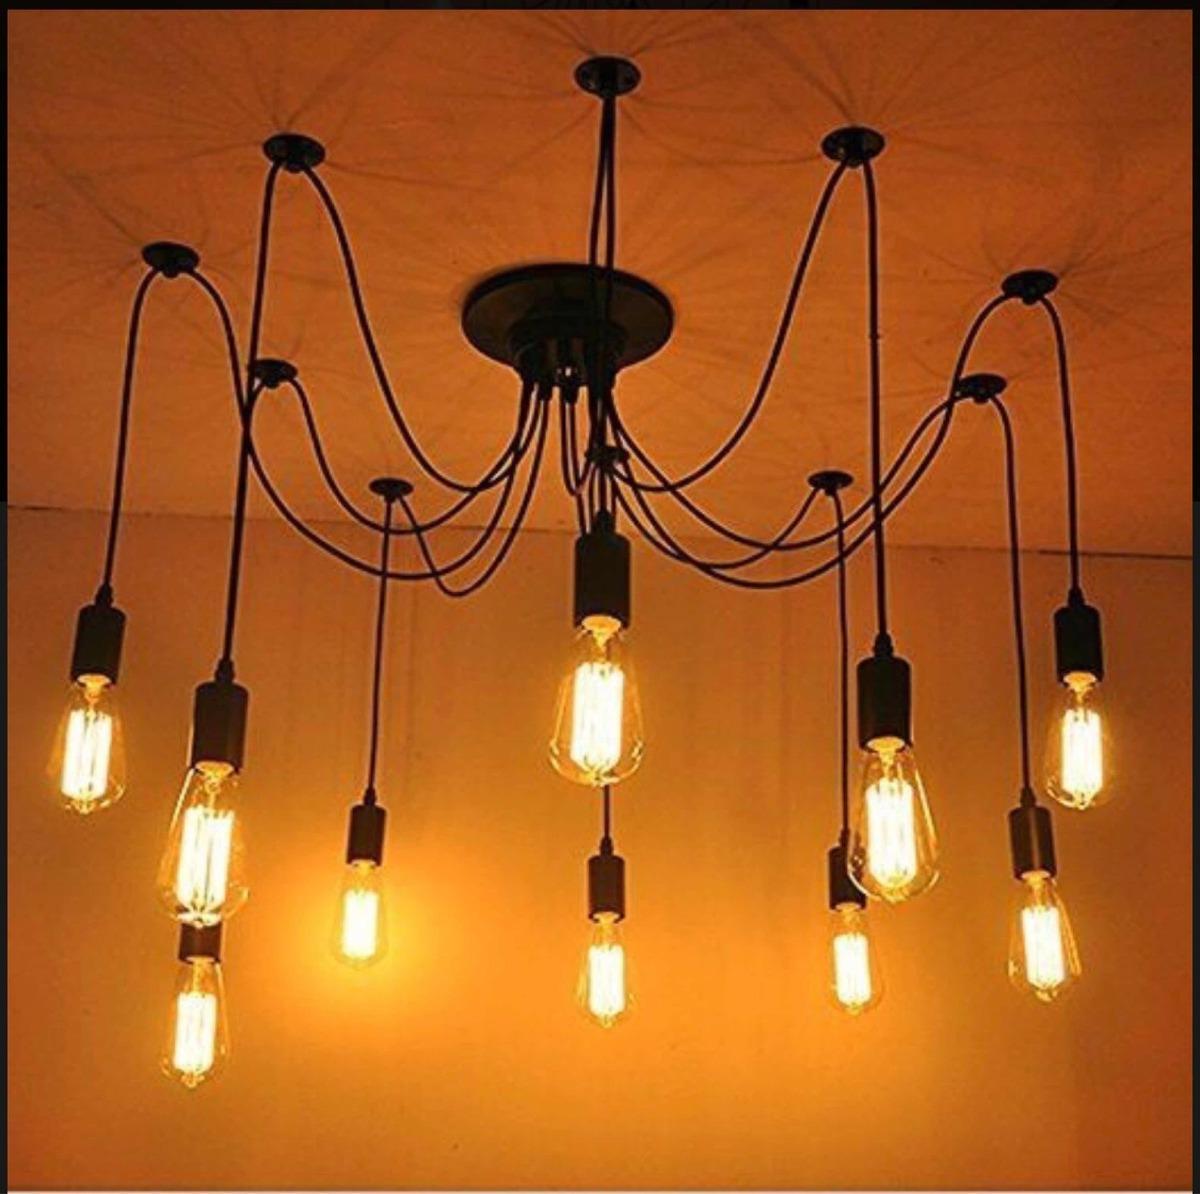 De 10 Focos Industrial Colgante Techo Vintage Lámpara Edison TOikXuZP